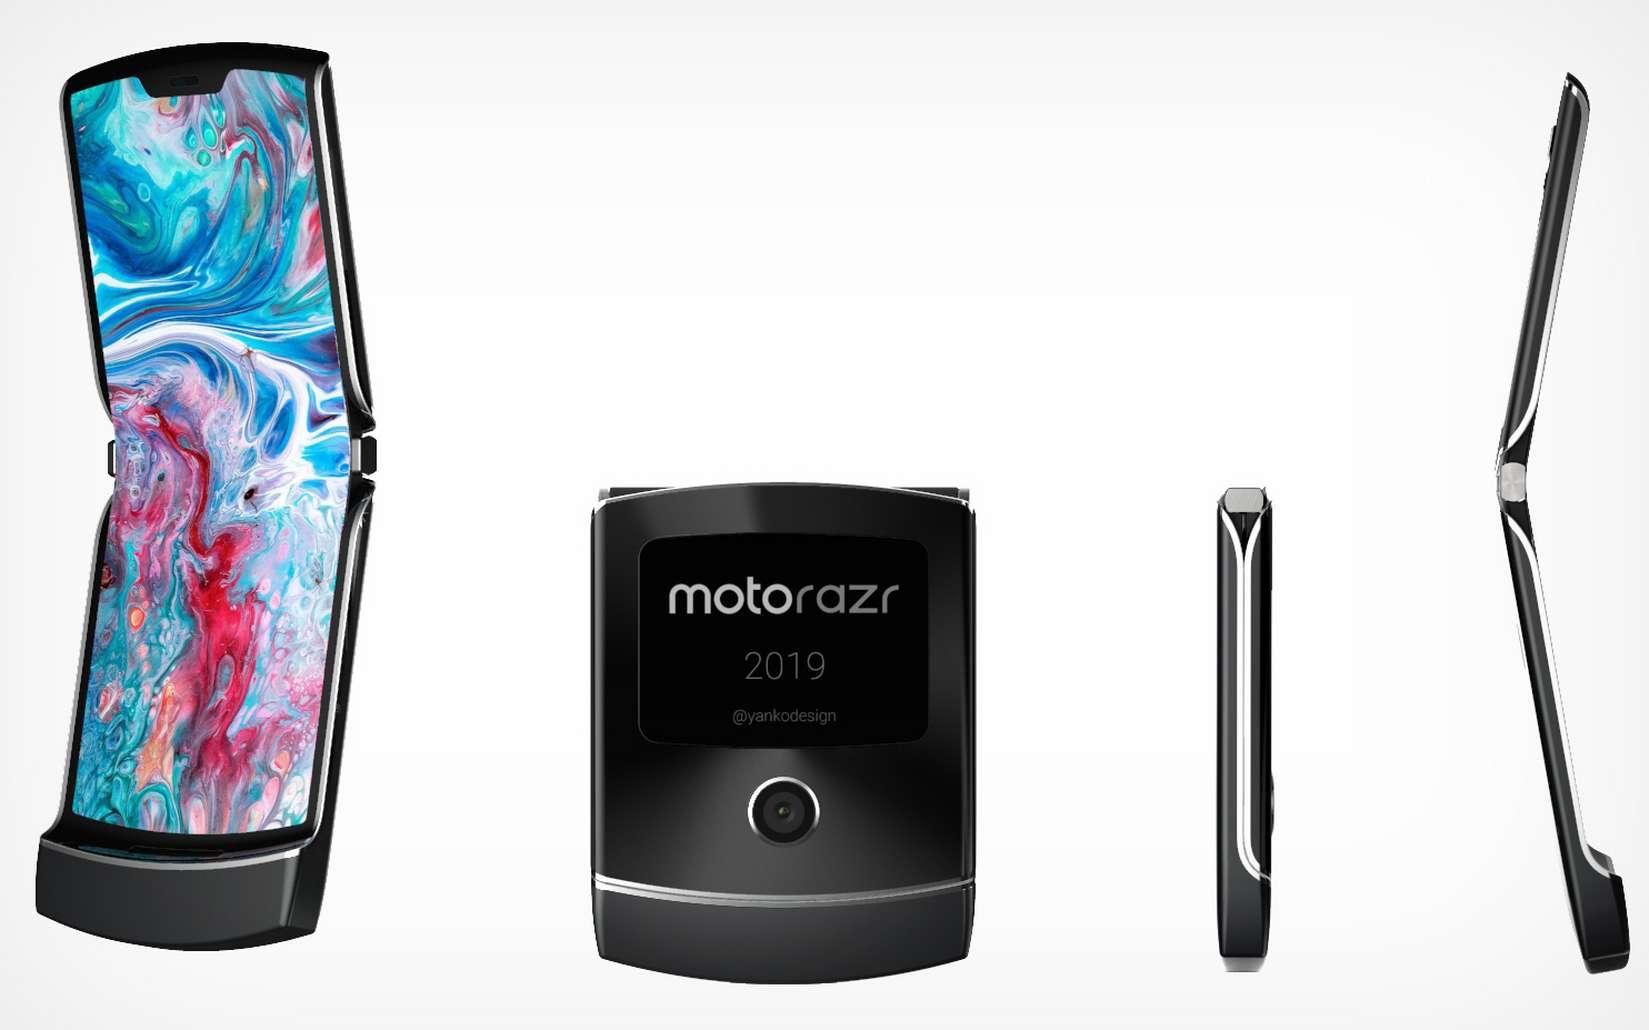 Le Razr s'est vendu à plusieurs dizaines de millions d'exemplaires. La version écran pliable aura-t-elle le même succès ? © Yanko Design